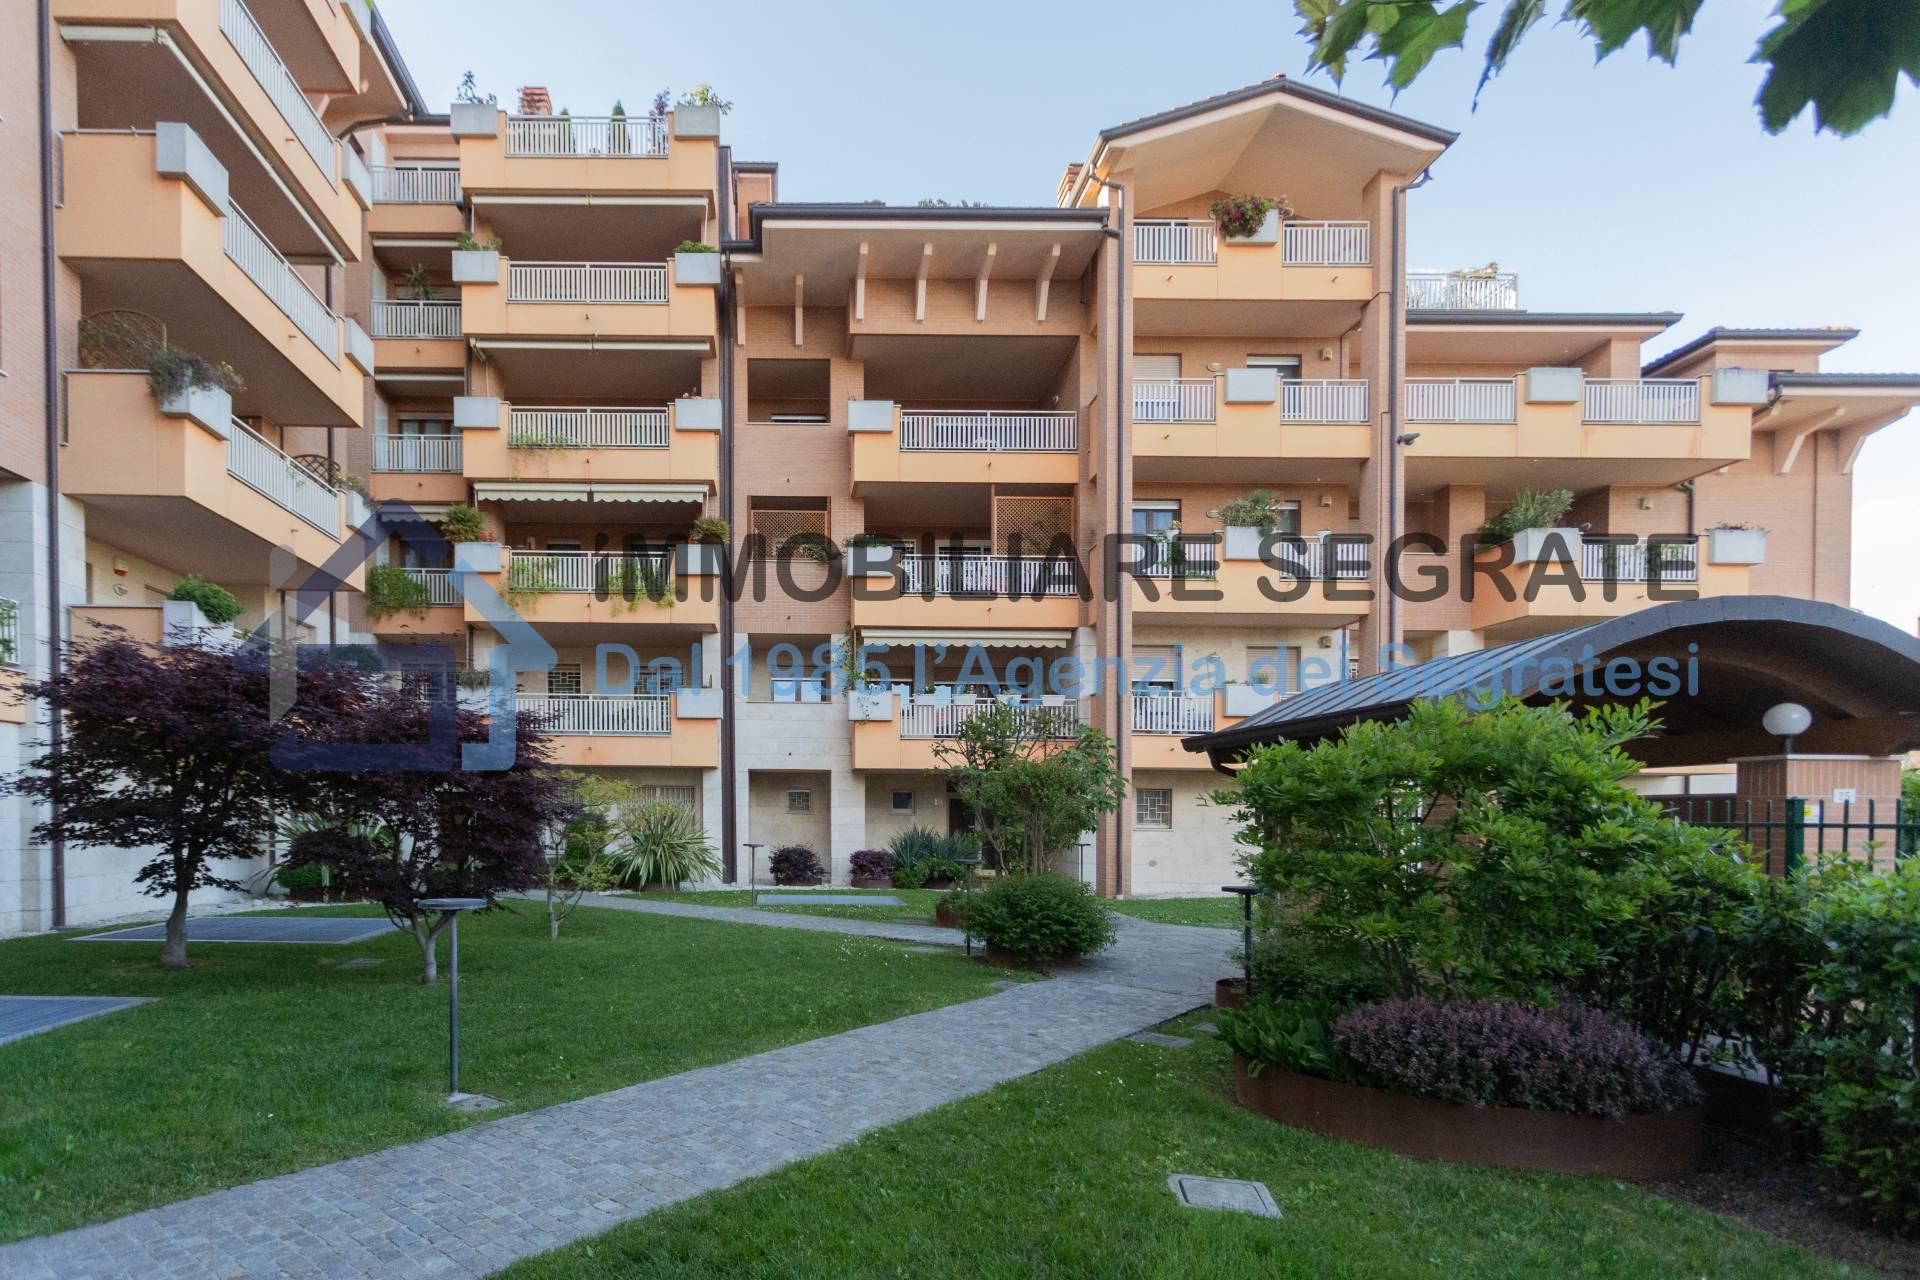 Appartamento in vendita a Segrate, 5 locali, zona Località: Centro, prezzo € 520.000 | PortaleAgenzieImmobiliari.it